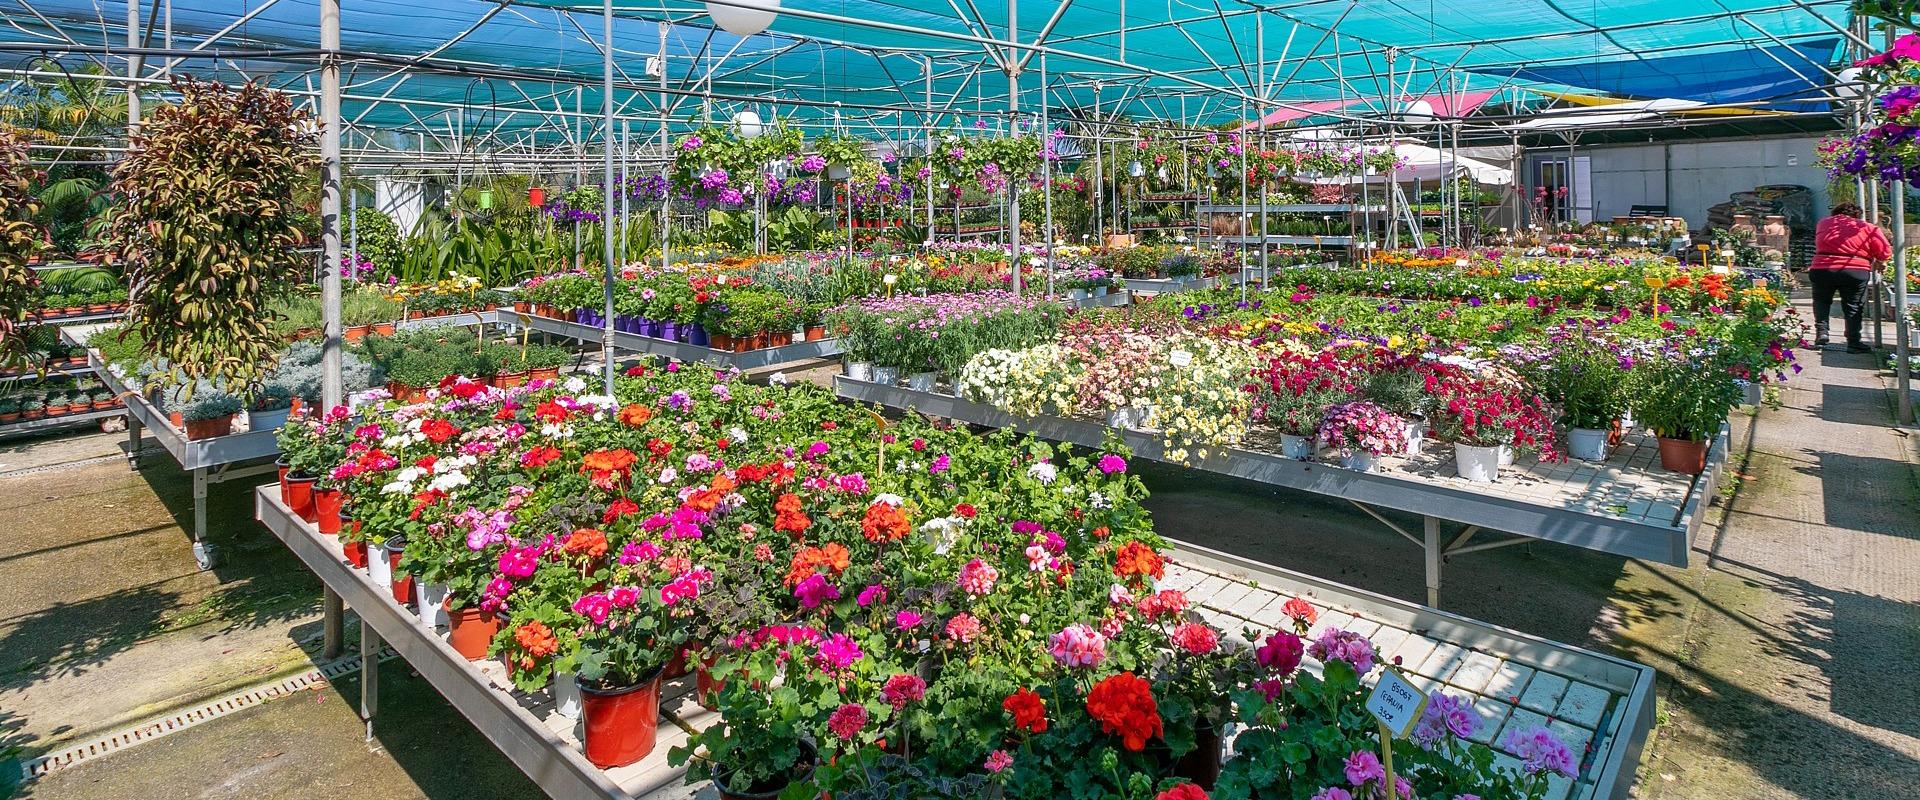 garden center variety Crete